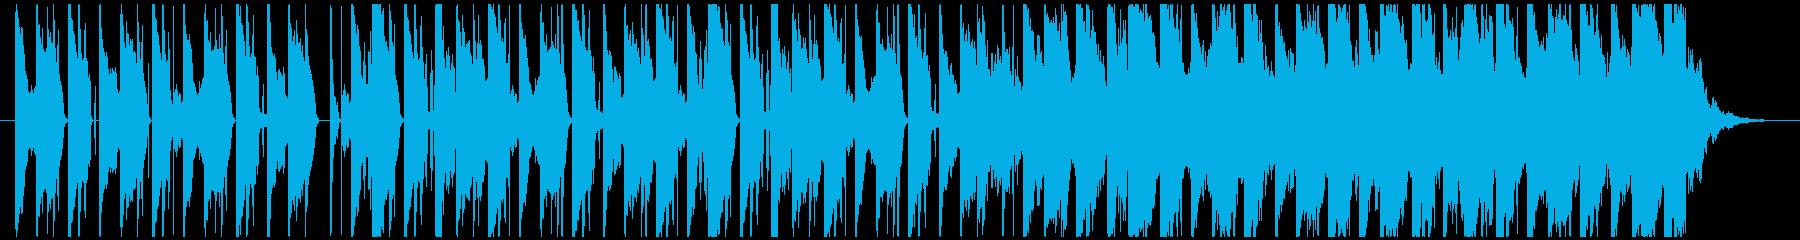 00年代R&B風のクールなBGMの再生済みの波形